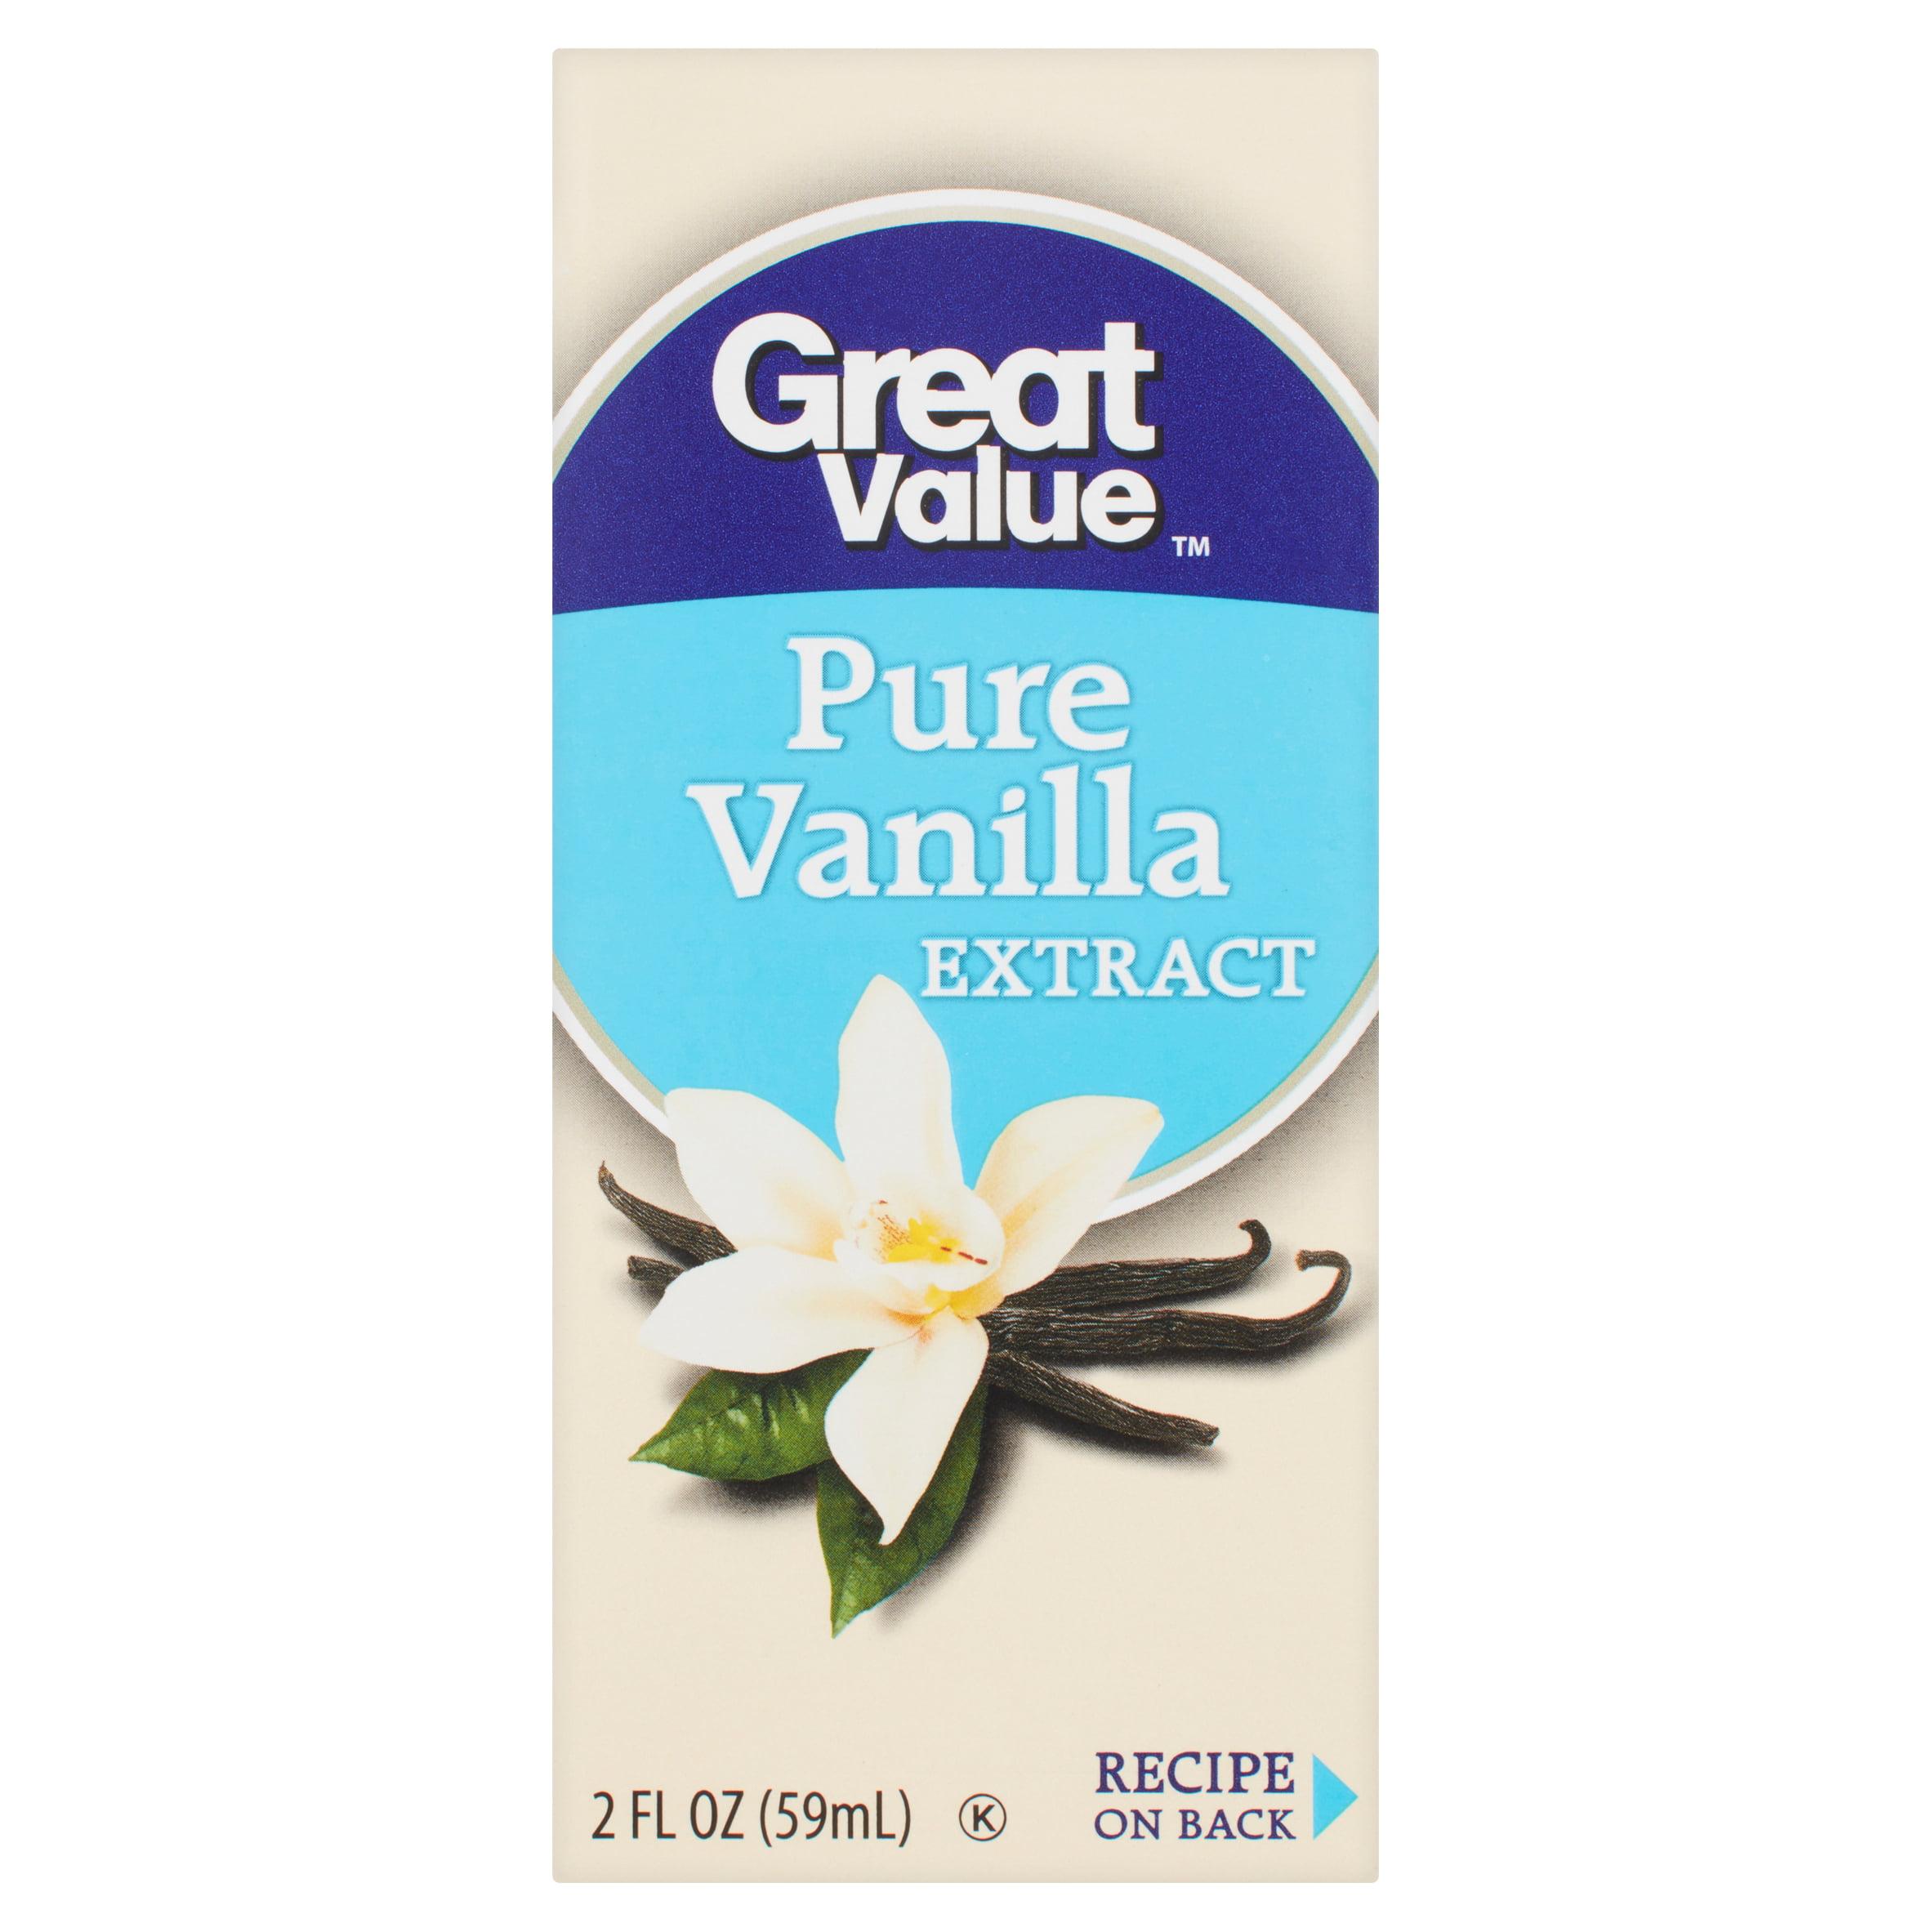 Great Value Pure Vanilla Extract, 2 fl oz - Walmart com